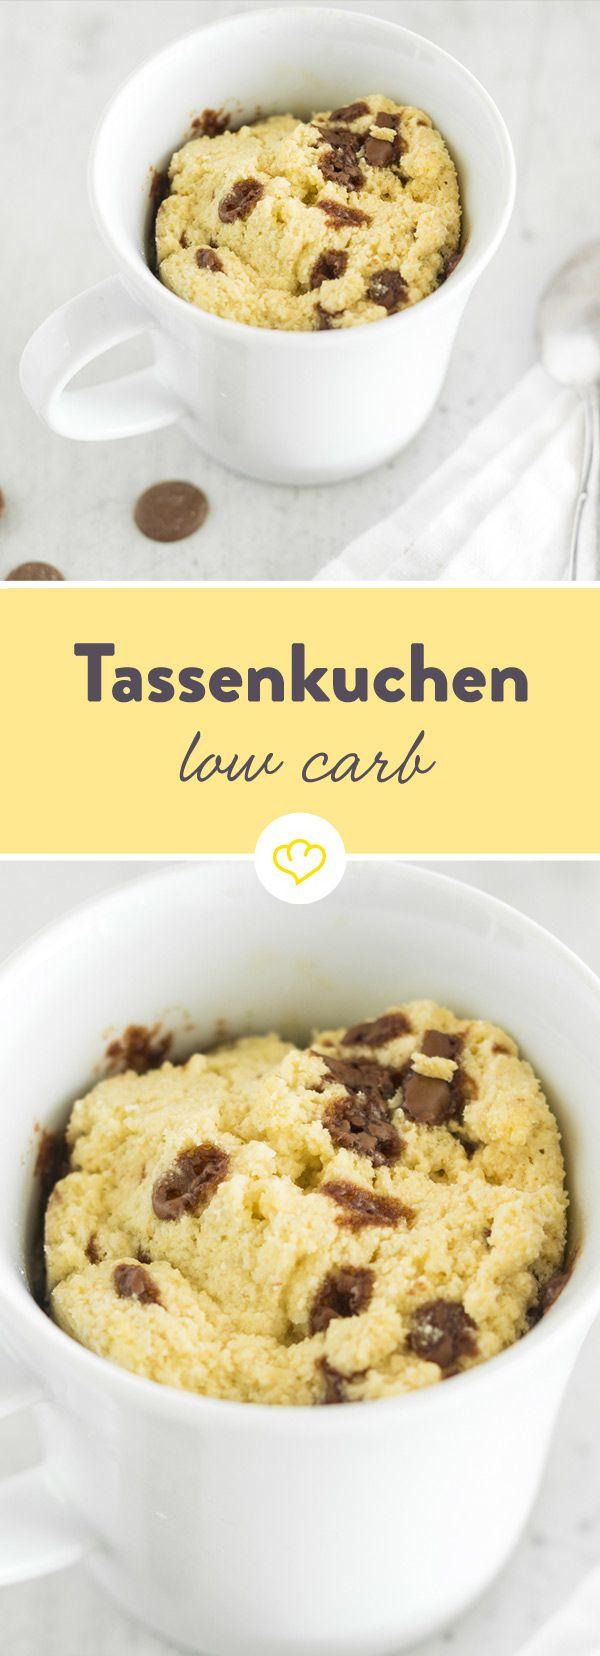 Low Carb Becher mit Schokoladenstücken